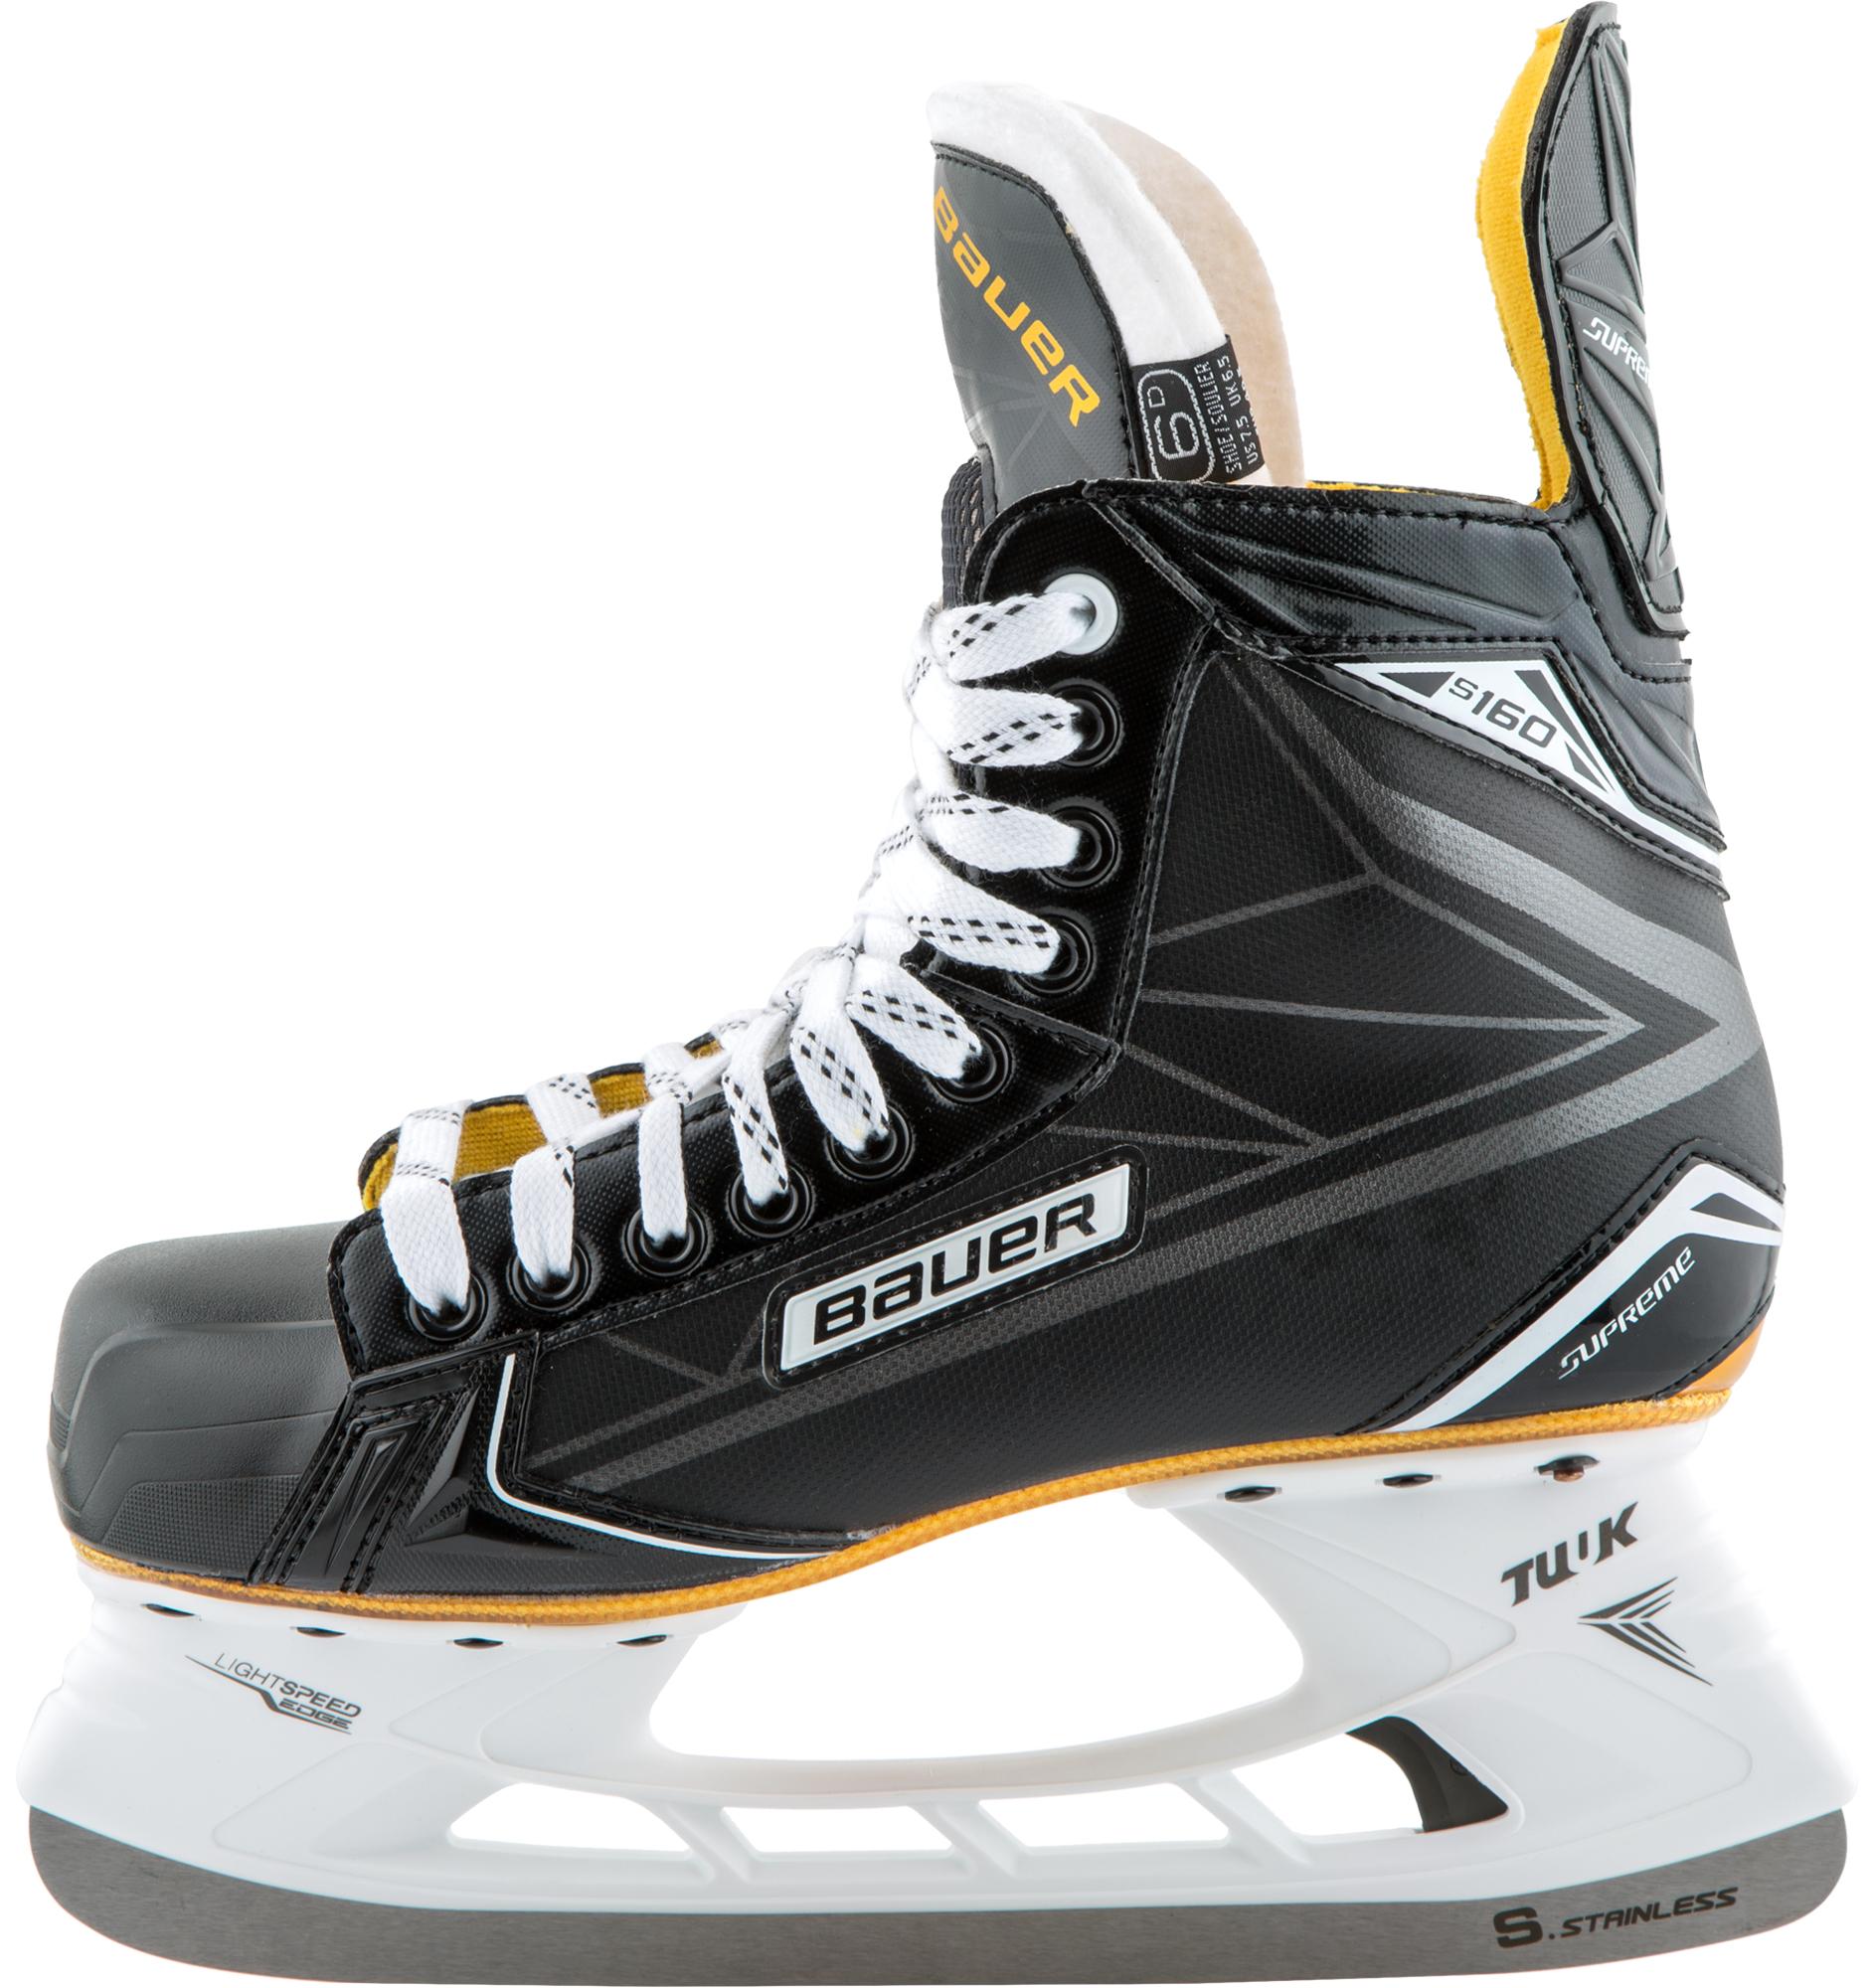 Bauer Коньки хоккейные Bauer Supreme S160